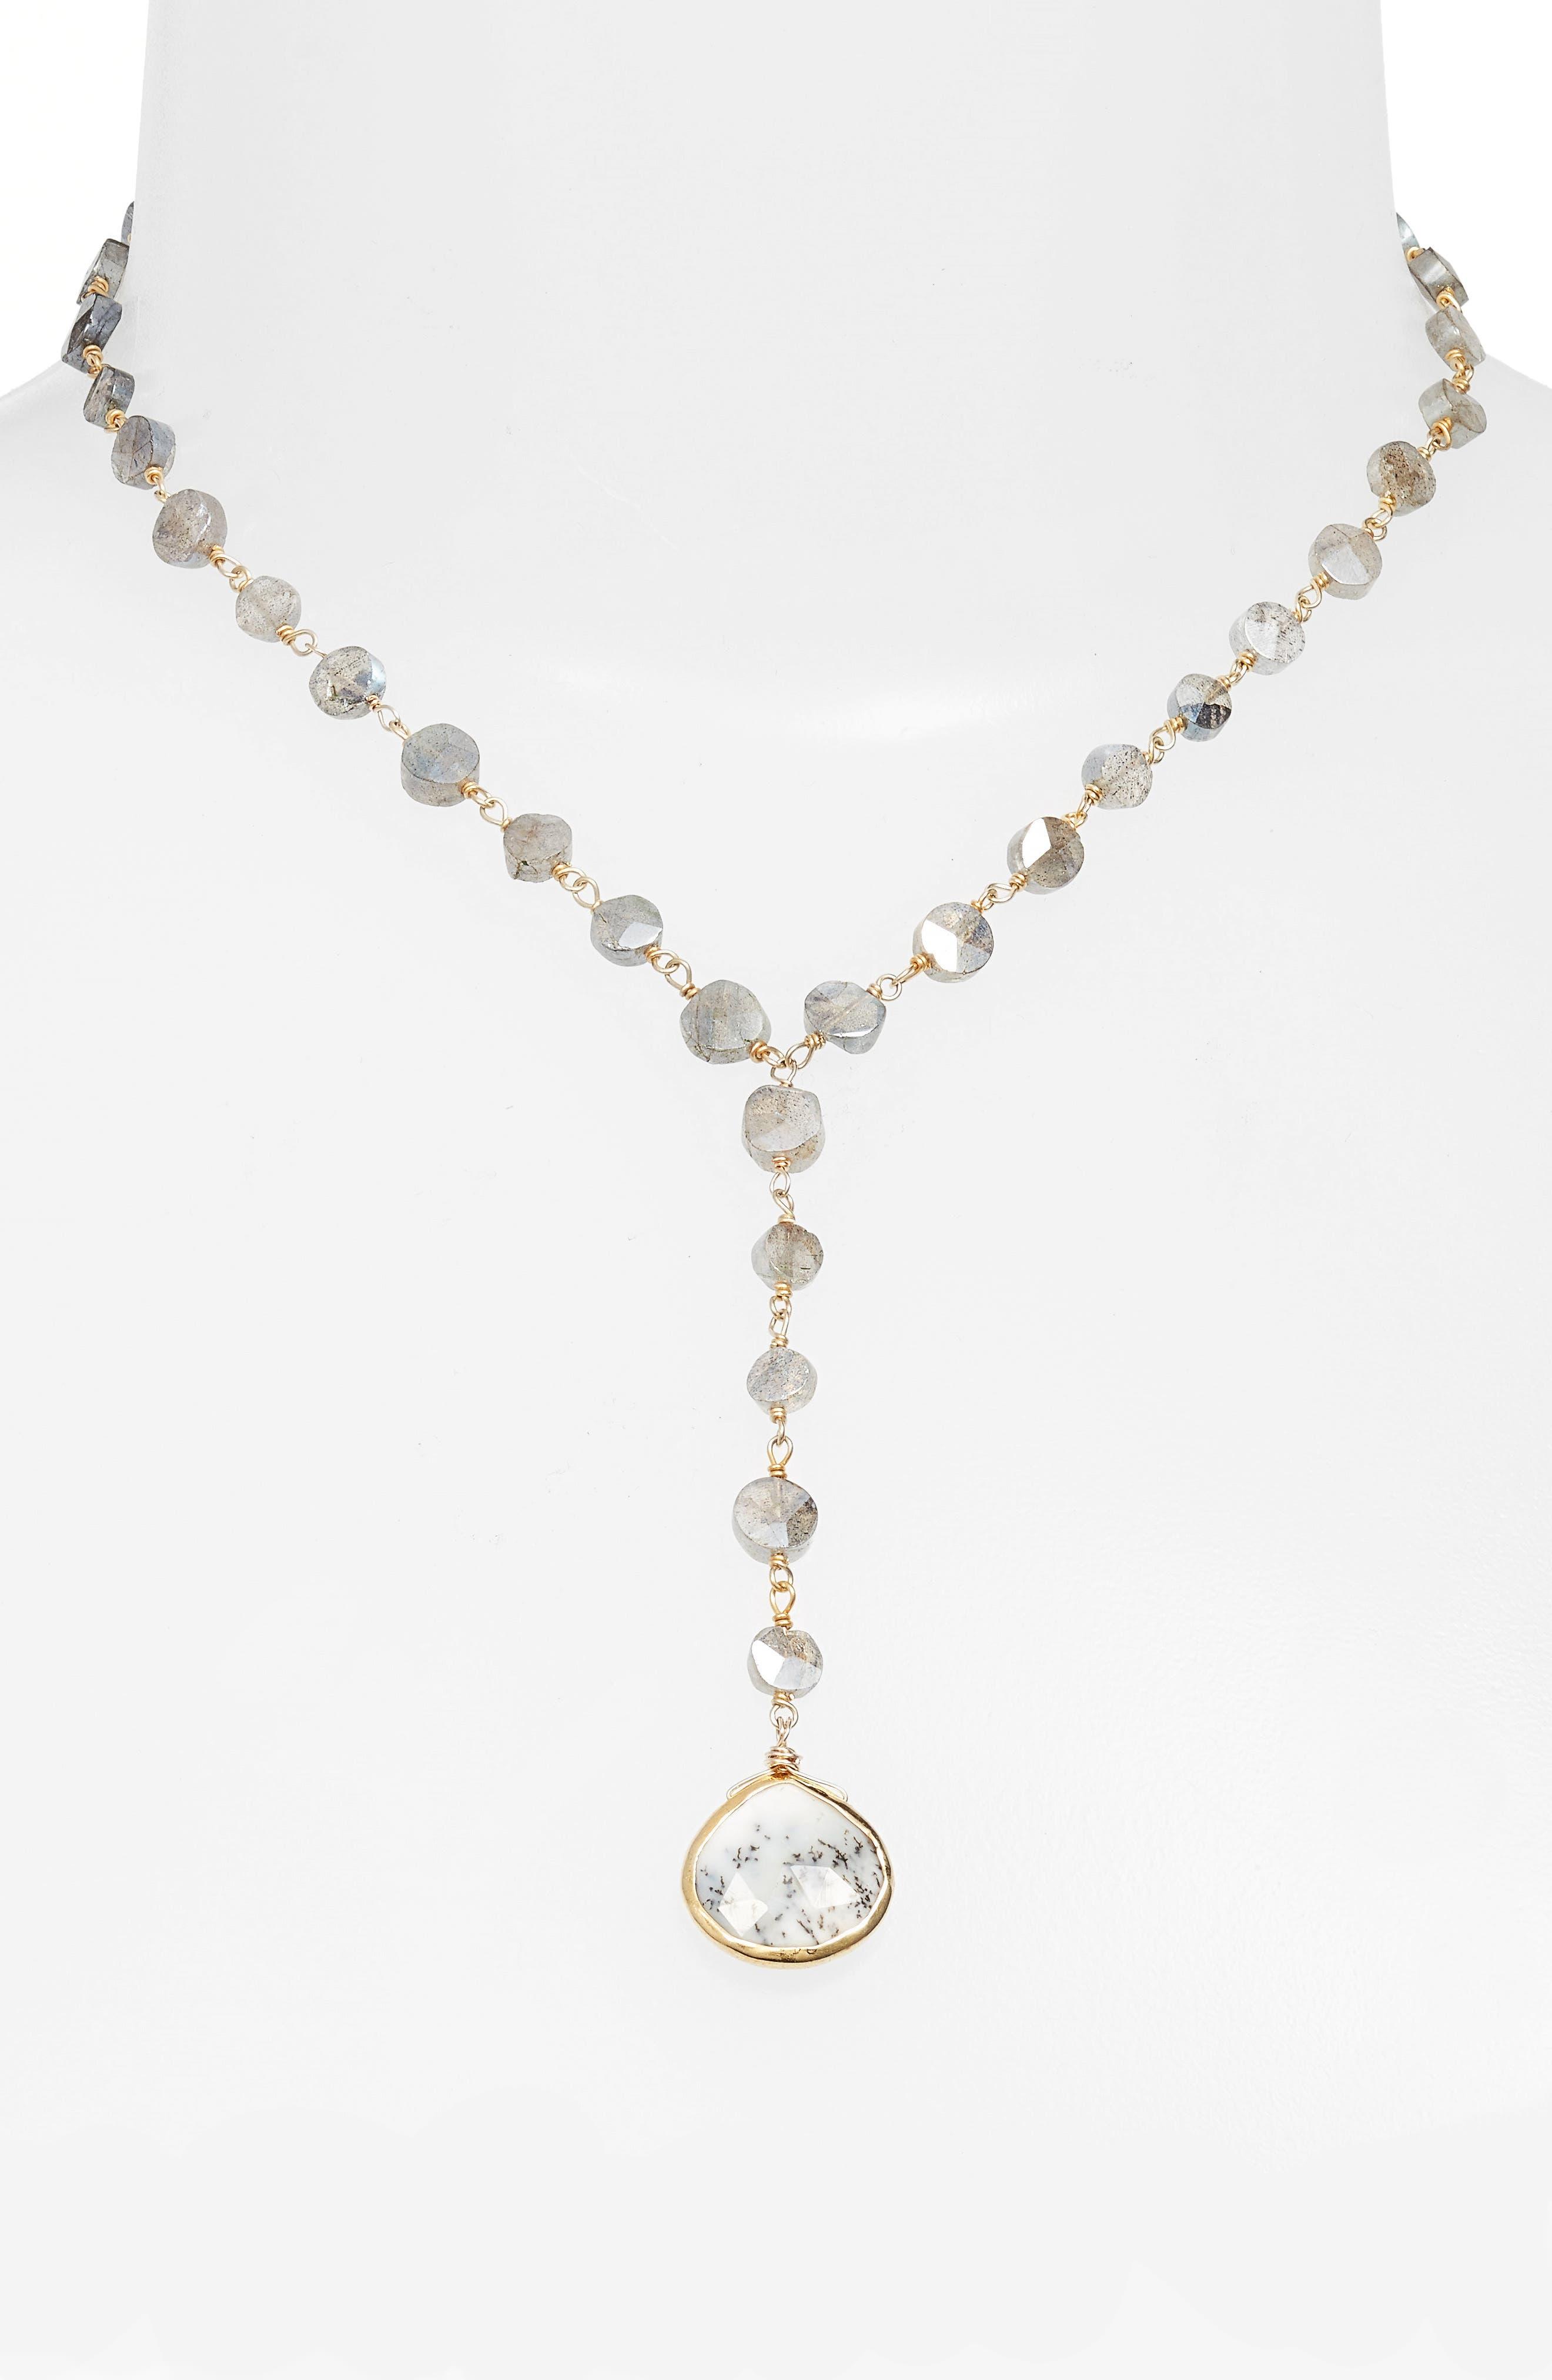 Yaeli Coin Necklace,                             Main thumbnail 1, color,                             Labradorite/ Dendrite Opal